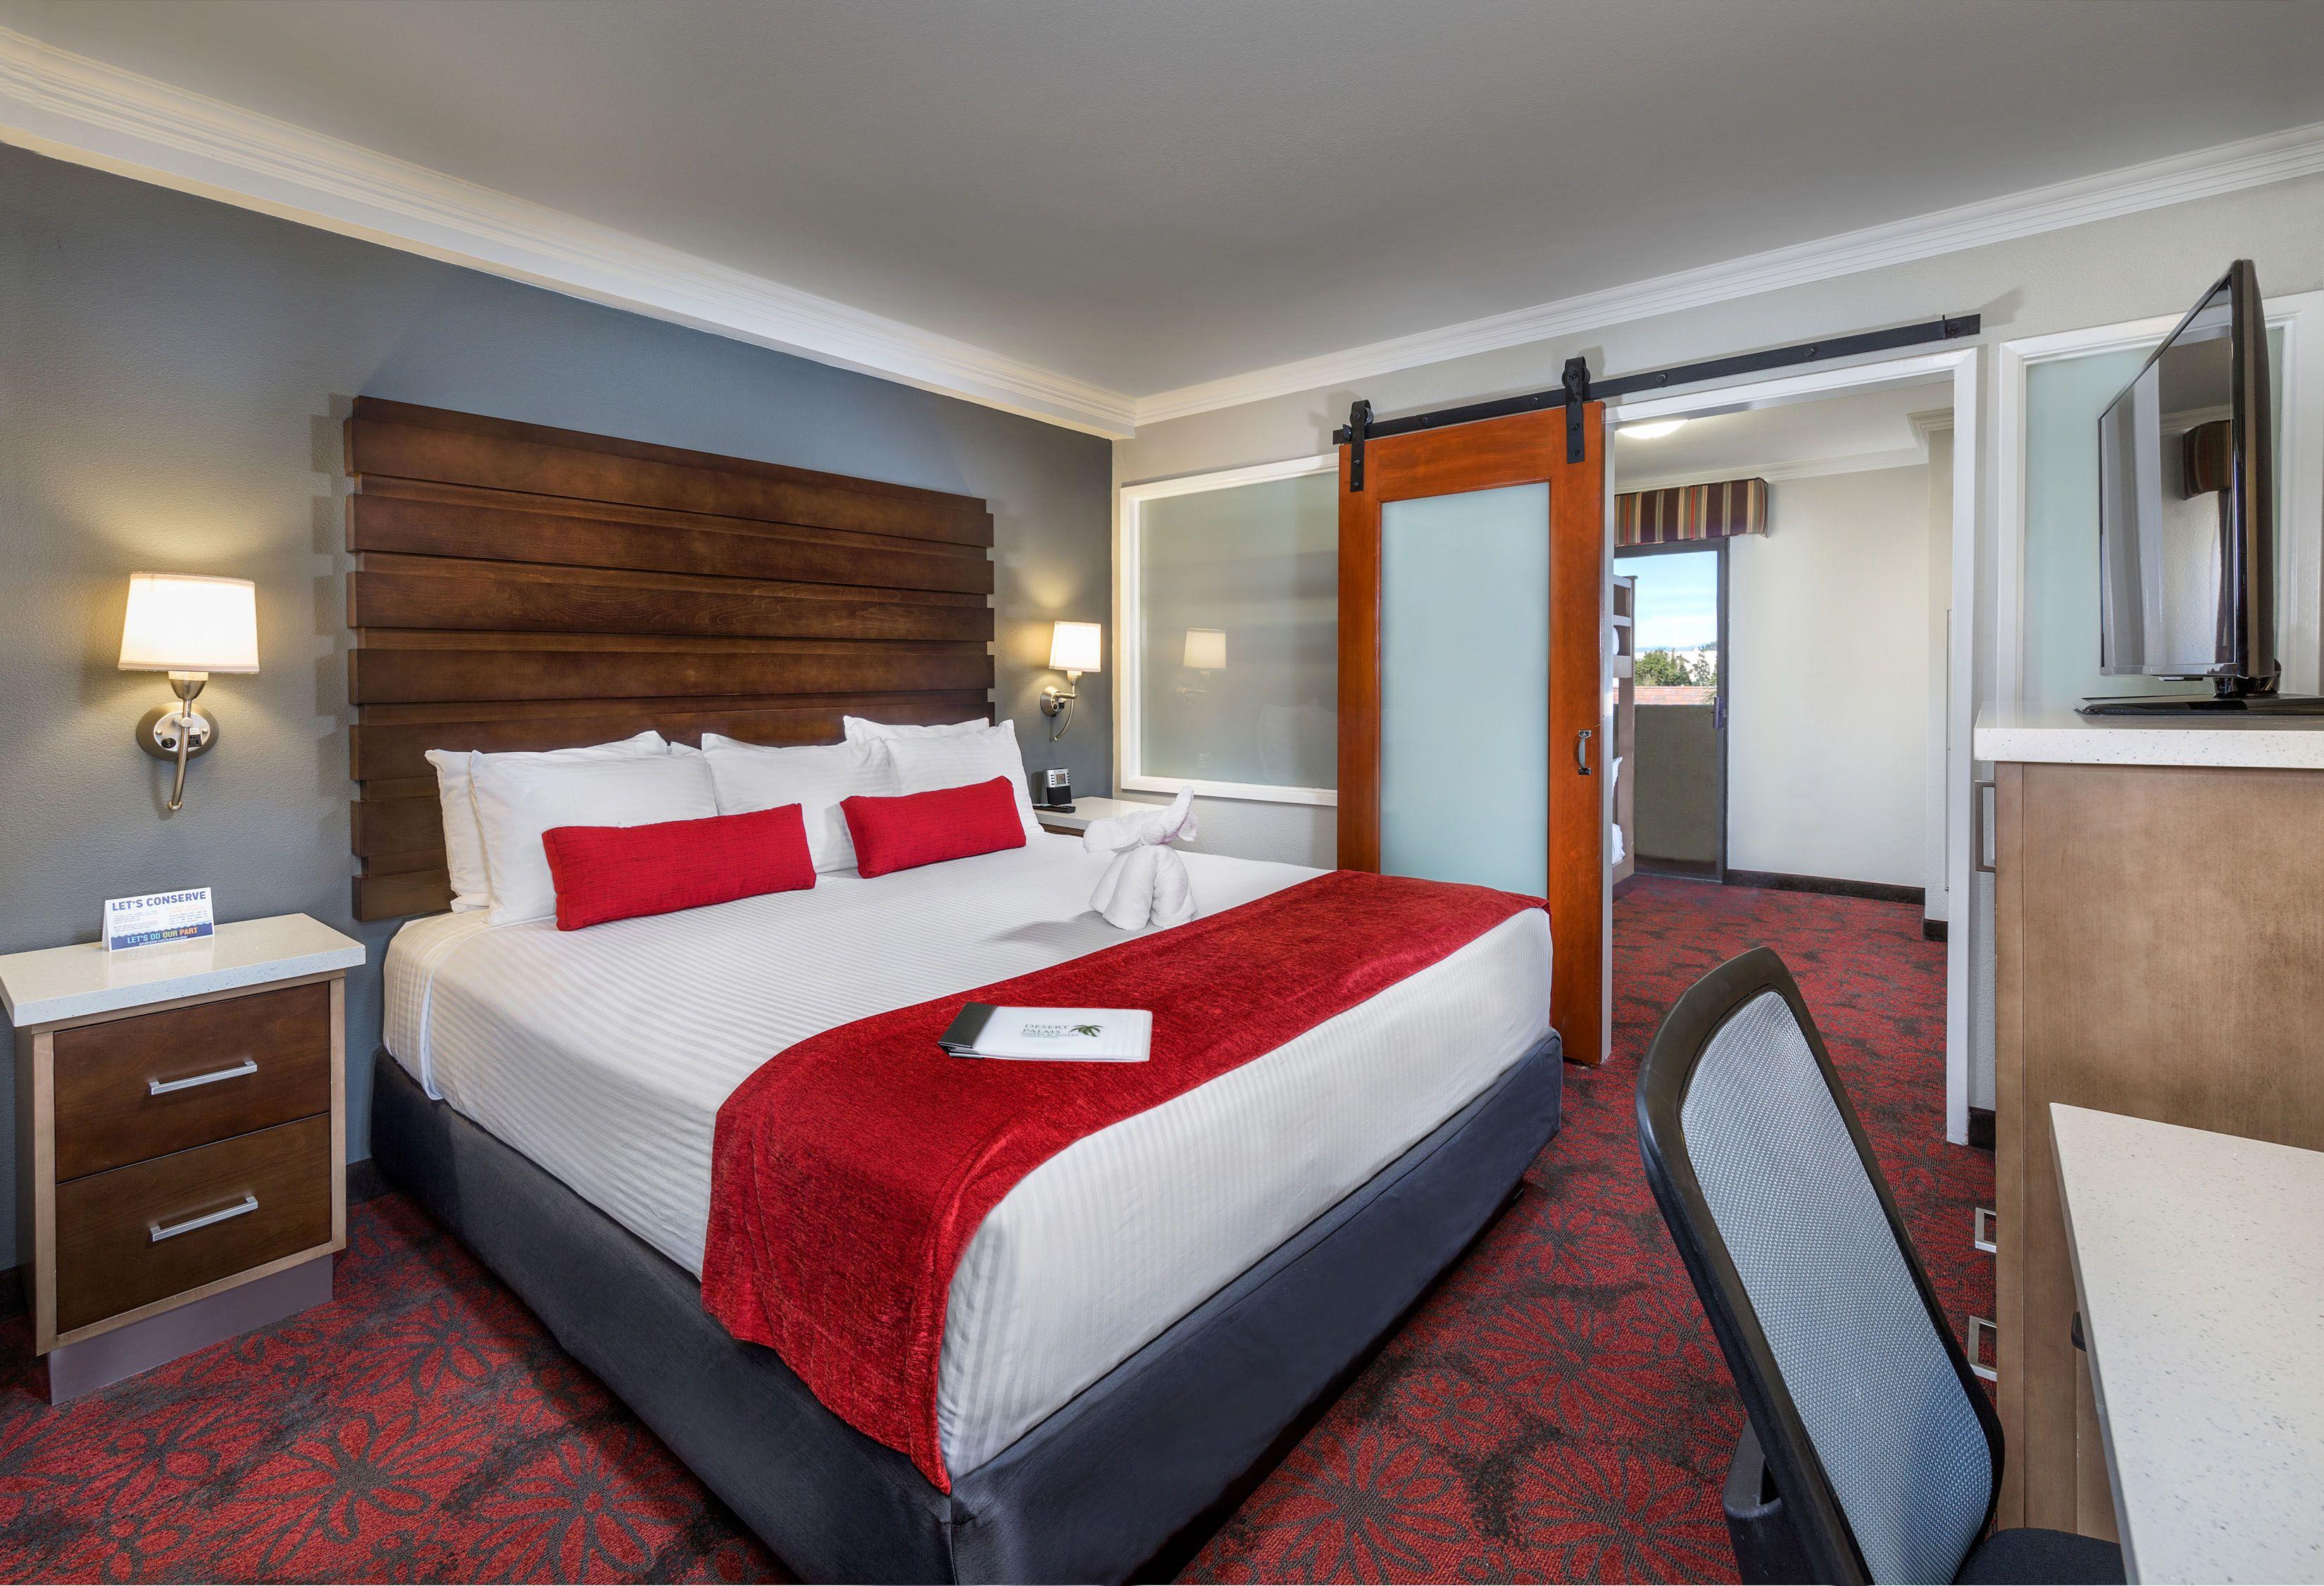 1 Bedroom Suite With Bunk Beds Parents Room Home Bedroom Suite Parents Room